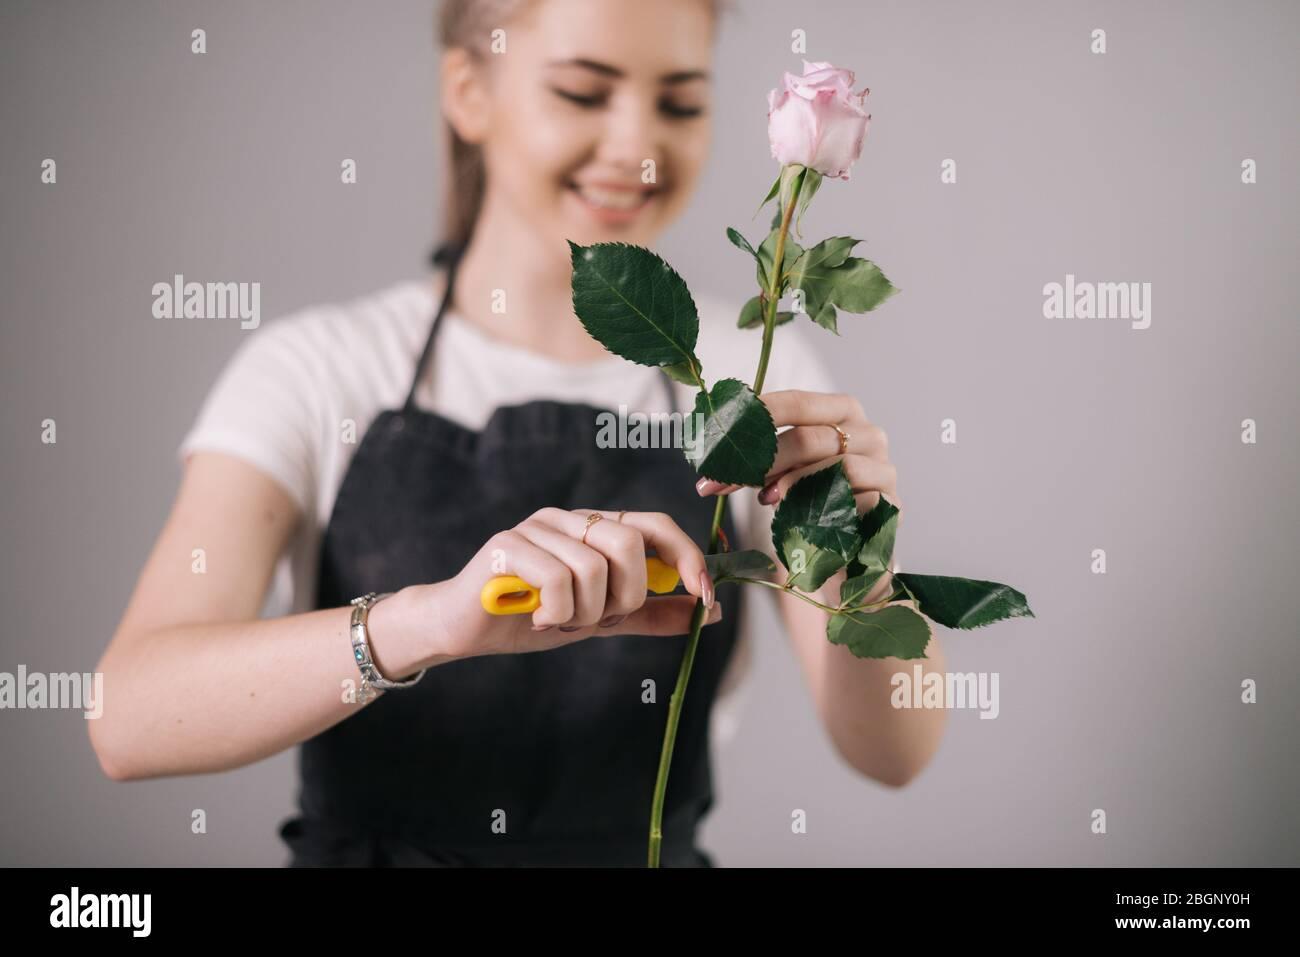 Lachende junge Frau Floristin tragen Schürze schneidet frische Rose Blume mit Schere Stockfoto